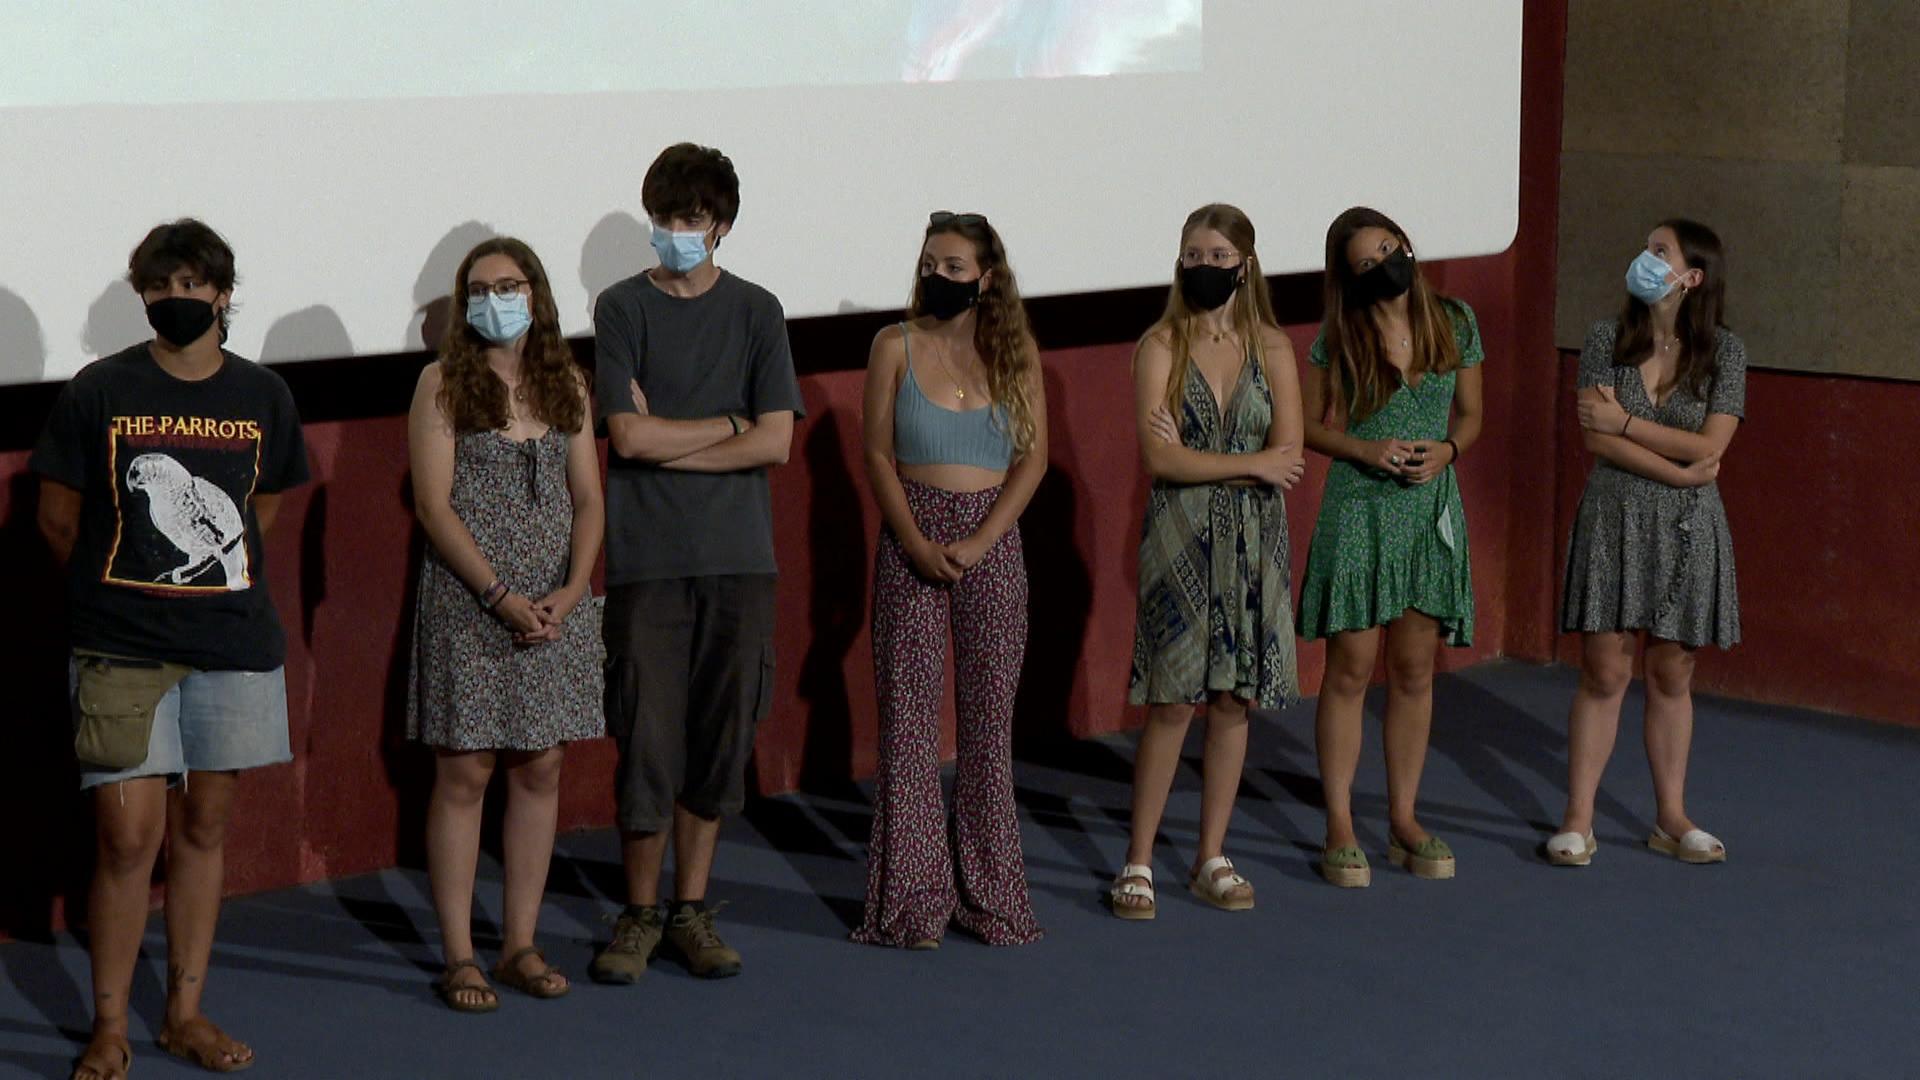 Sala+plena+en+la+primera+jornada+del+Festival+de+Cinema+de+Menorca+en+les+seccions+Talent+Jove+i+Bo%C3%ADnder